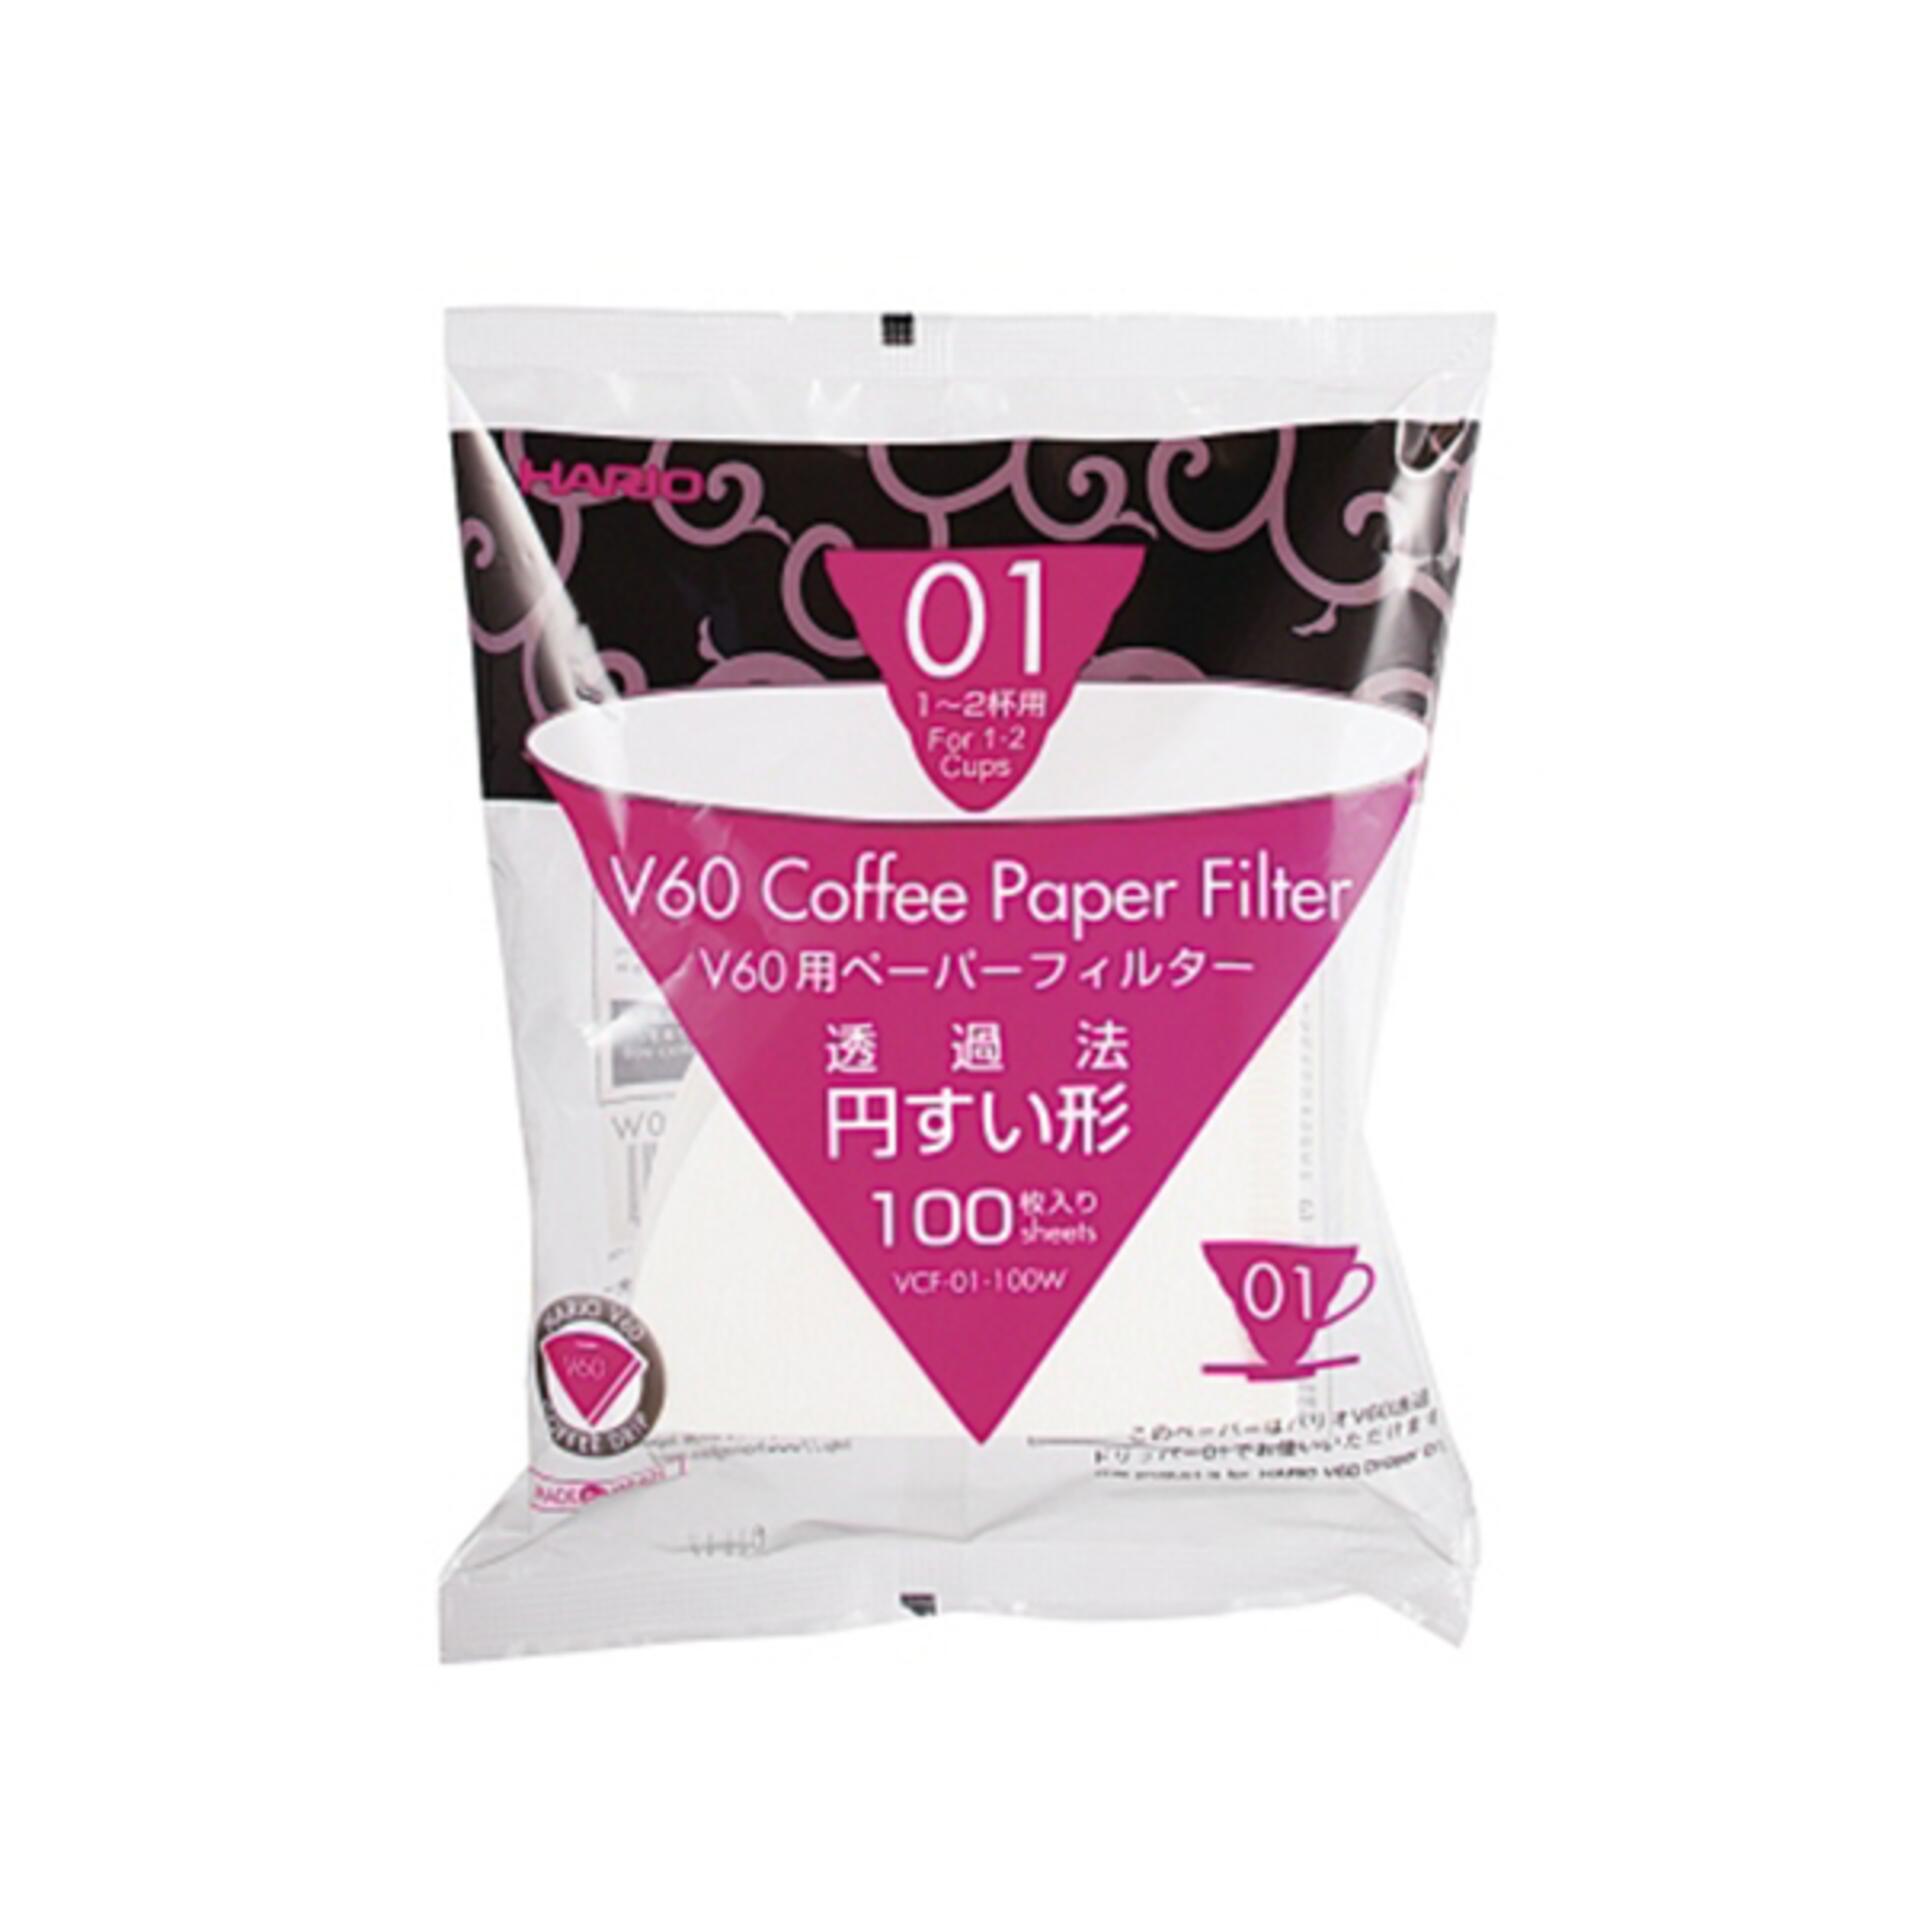 Hario Papierkaffeefilter V60 Gr. 01